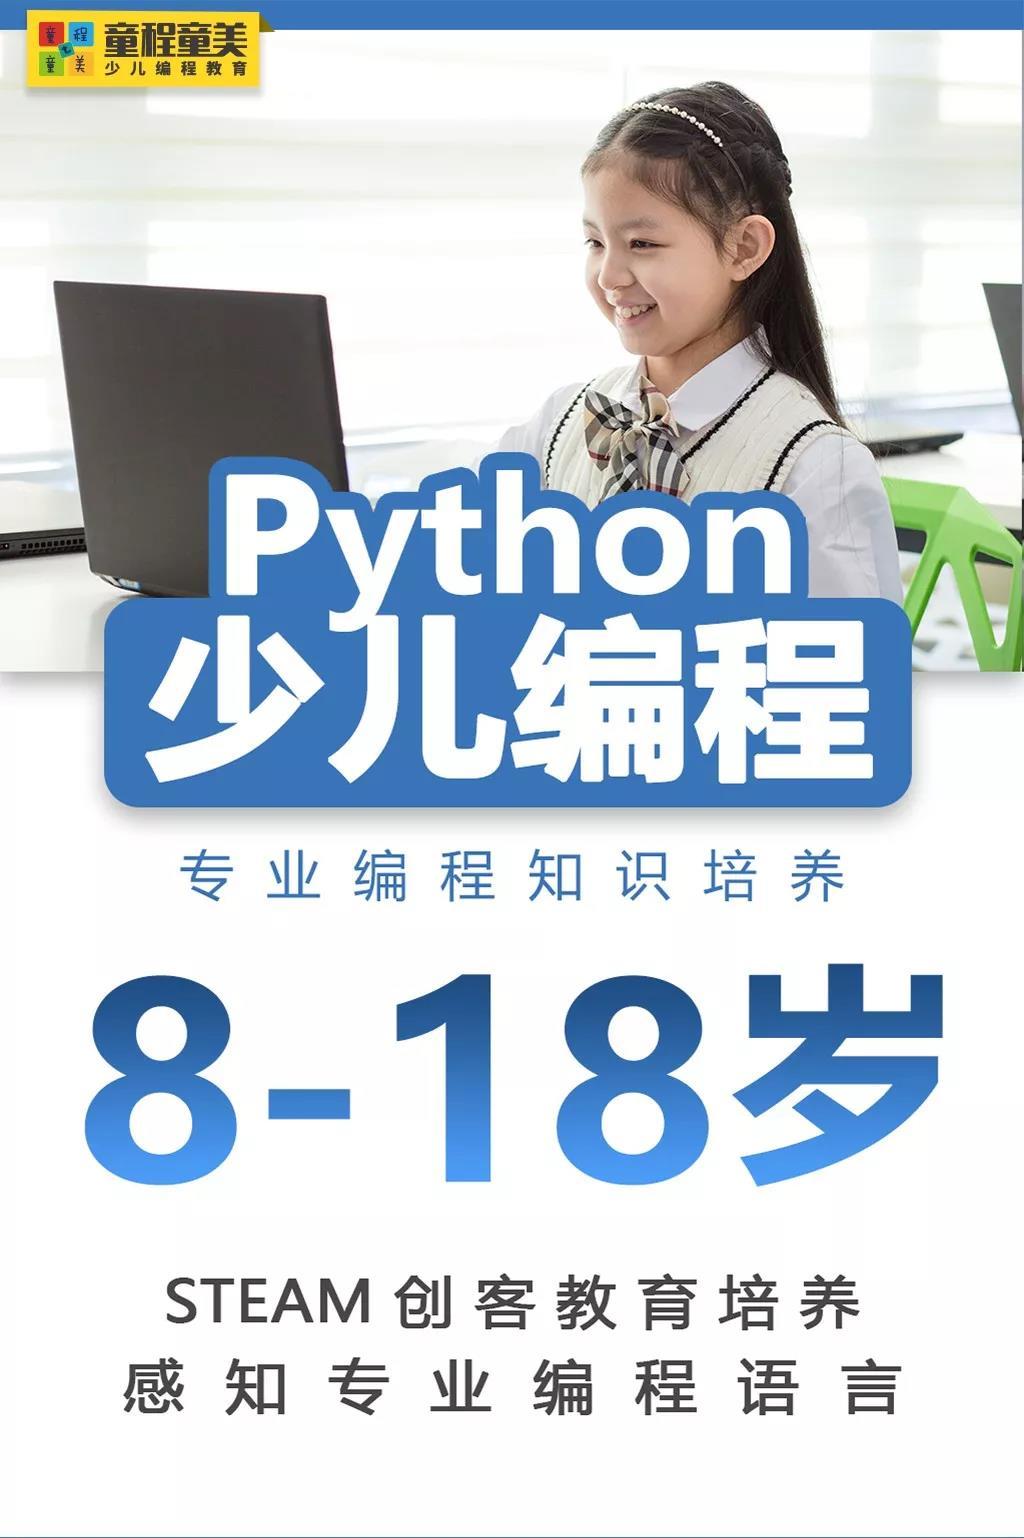 深圳南山区少儿Python编程培训班-课程